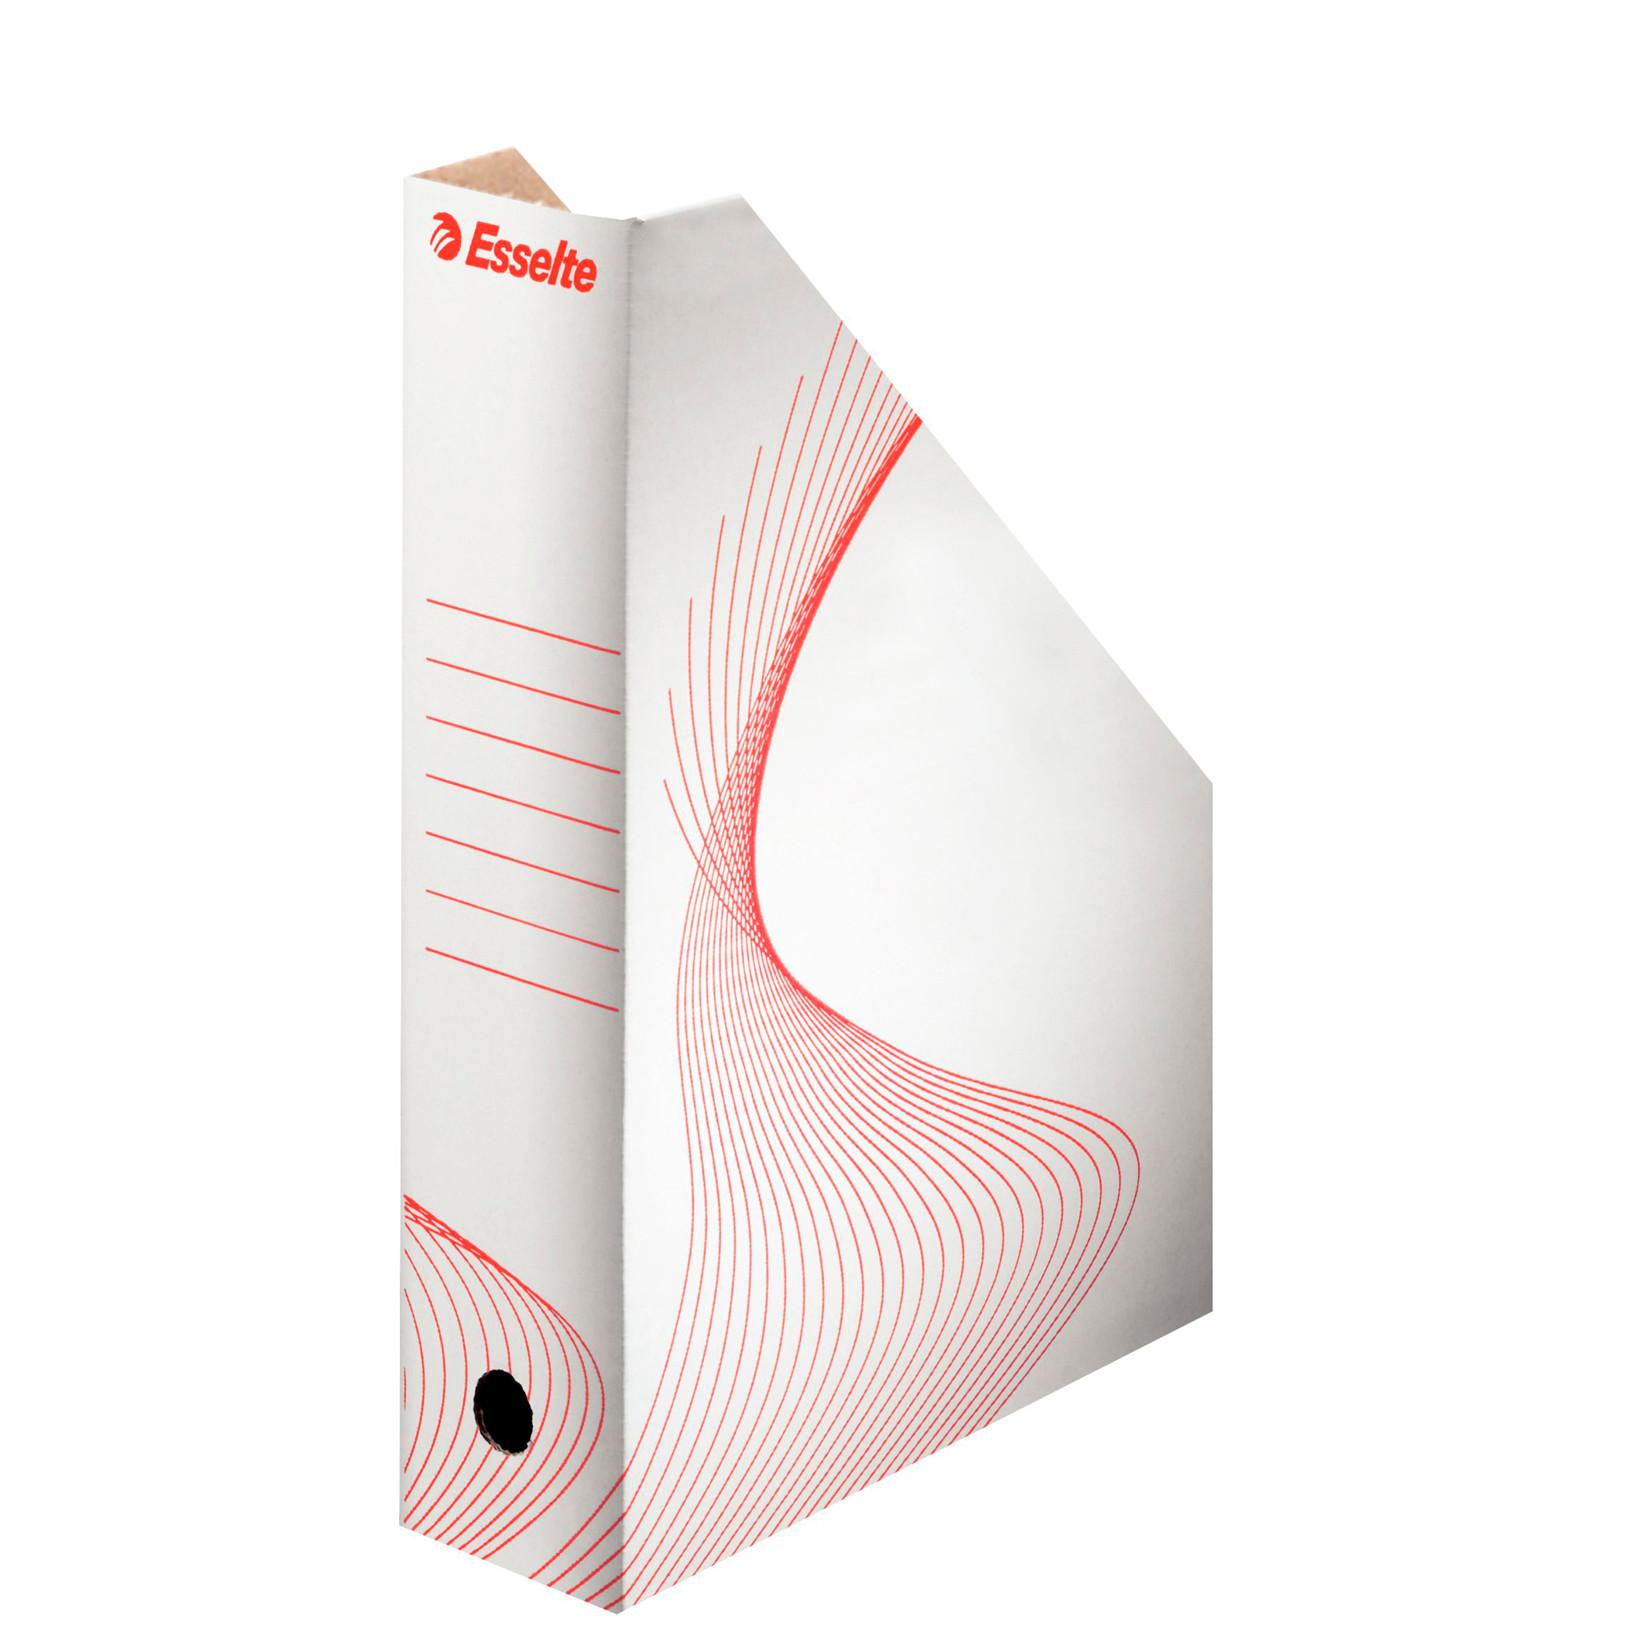 Tidsskriftkassette A4 Esselte hvid pap - 80 mm ryg